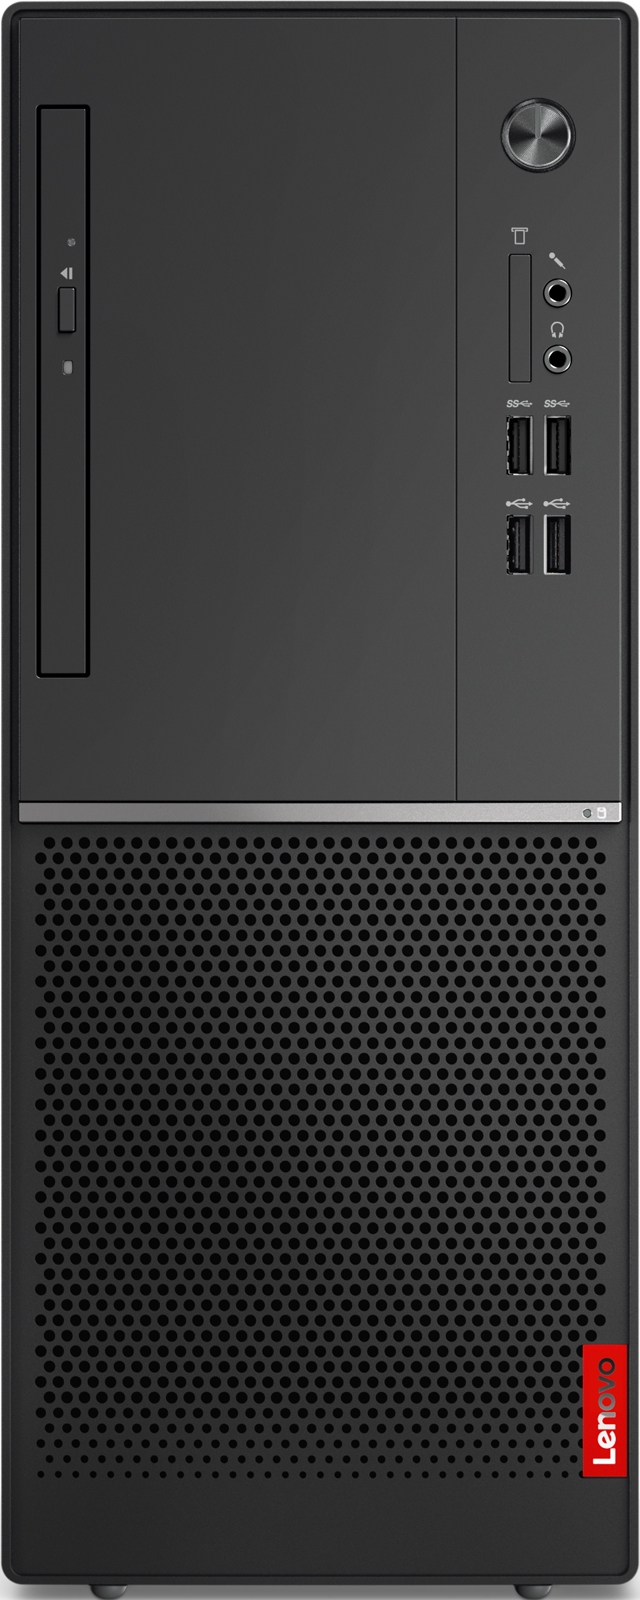 Системный блок Lenovo V330-15IGM MT, 10TS0008RU, черный системный блок dell optiplex 3050 sff i3 6100 3 7ghz 4gb 500gb hd620 dvd rw linux клавиатура мышь черный 3050 0405